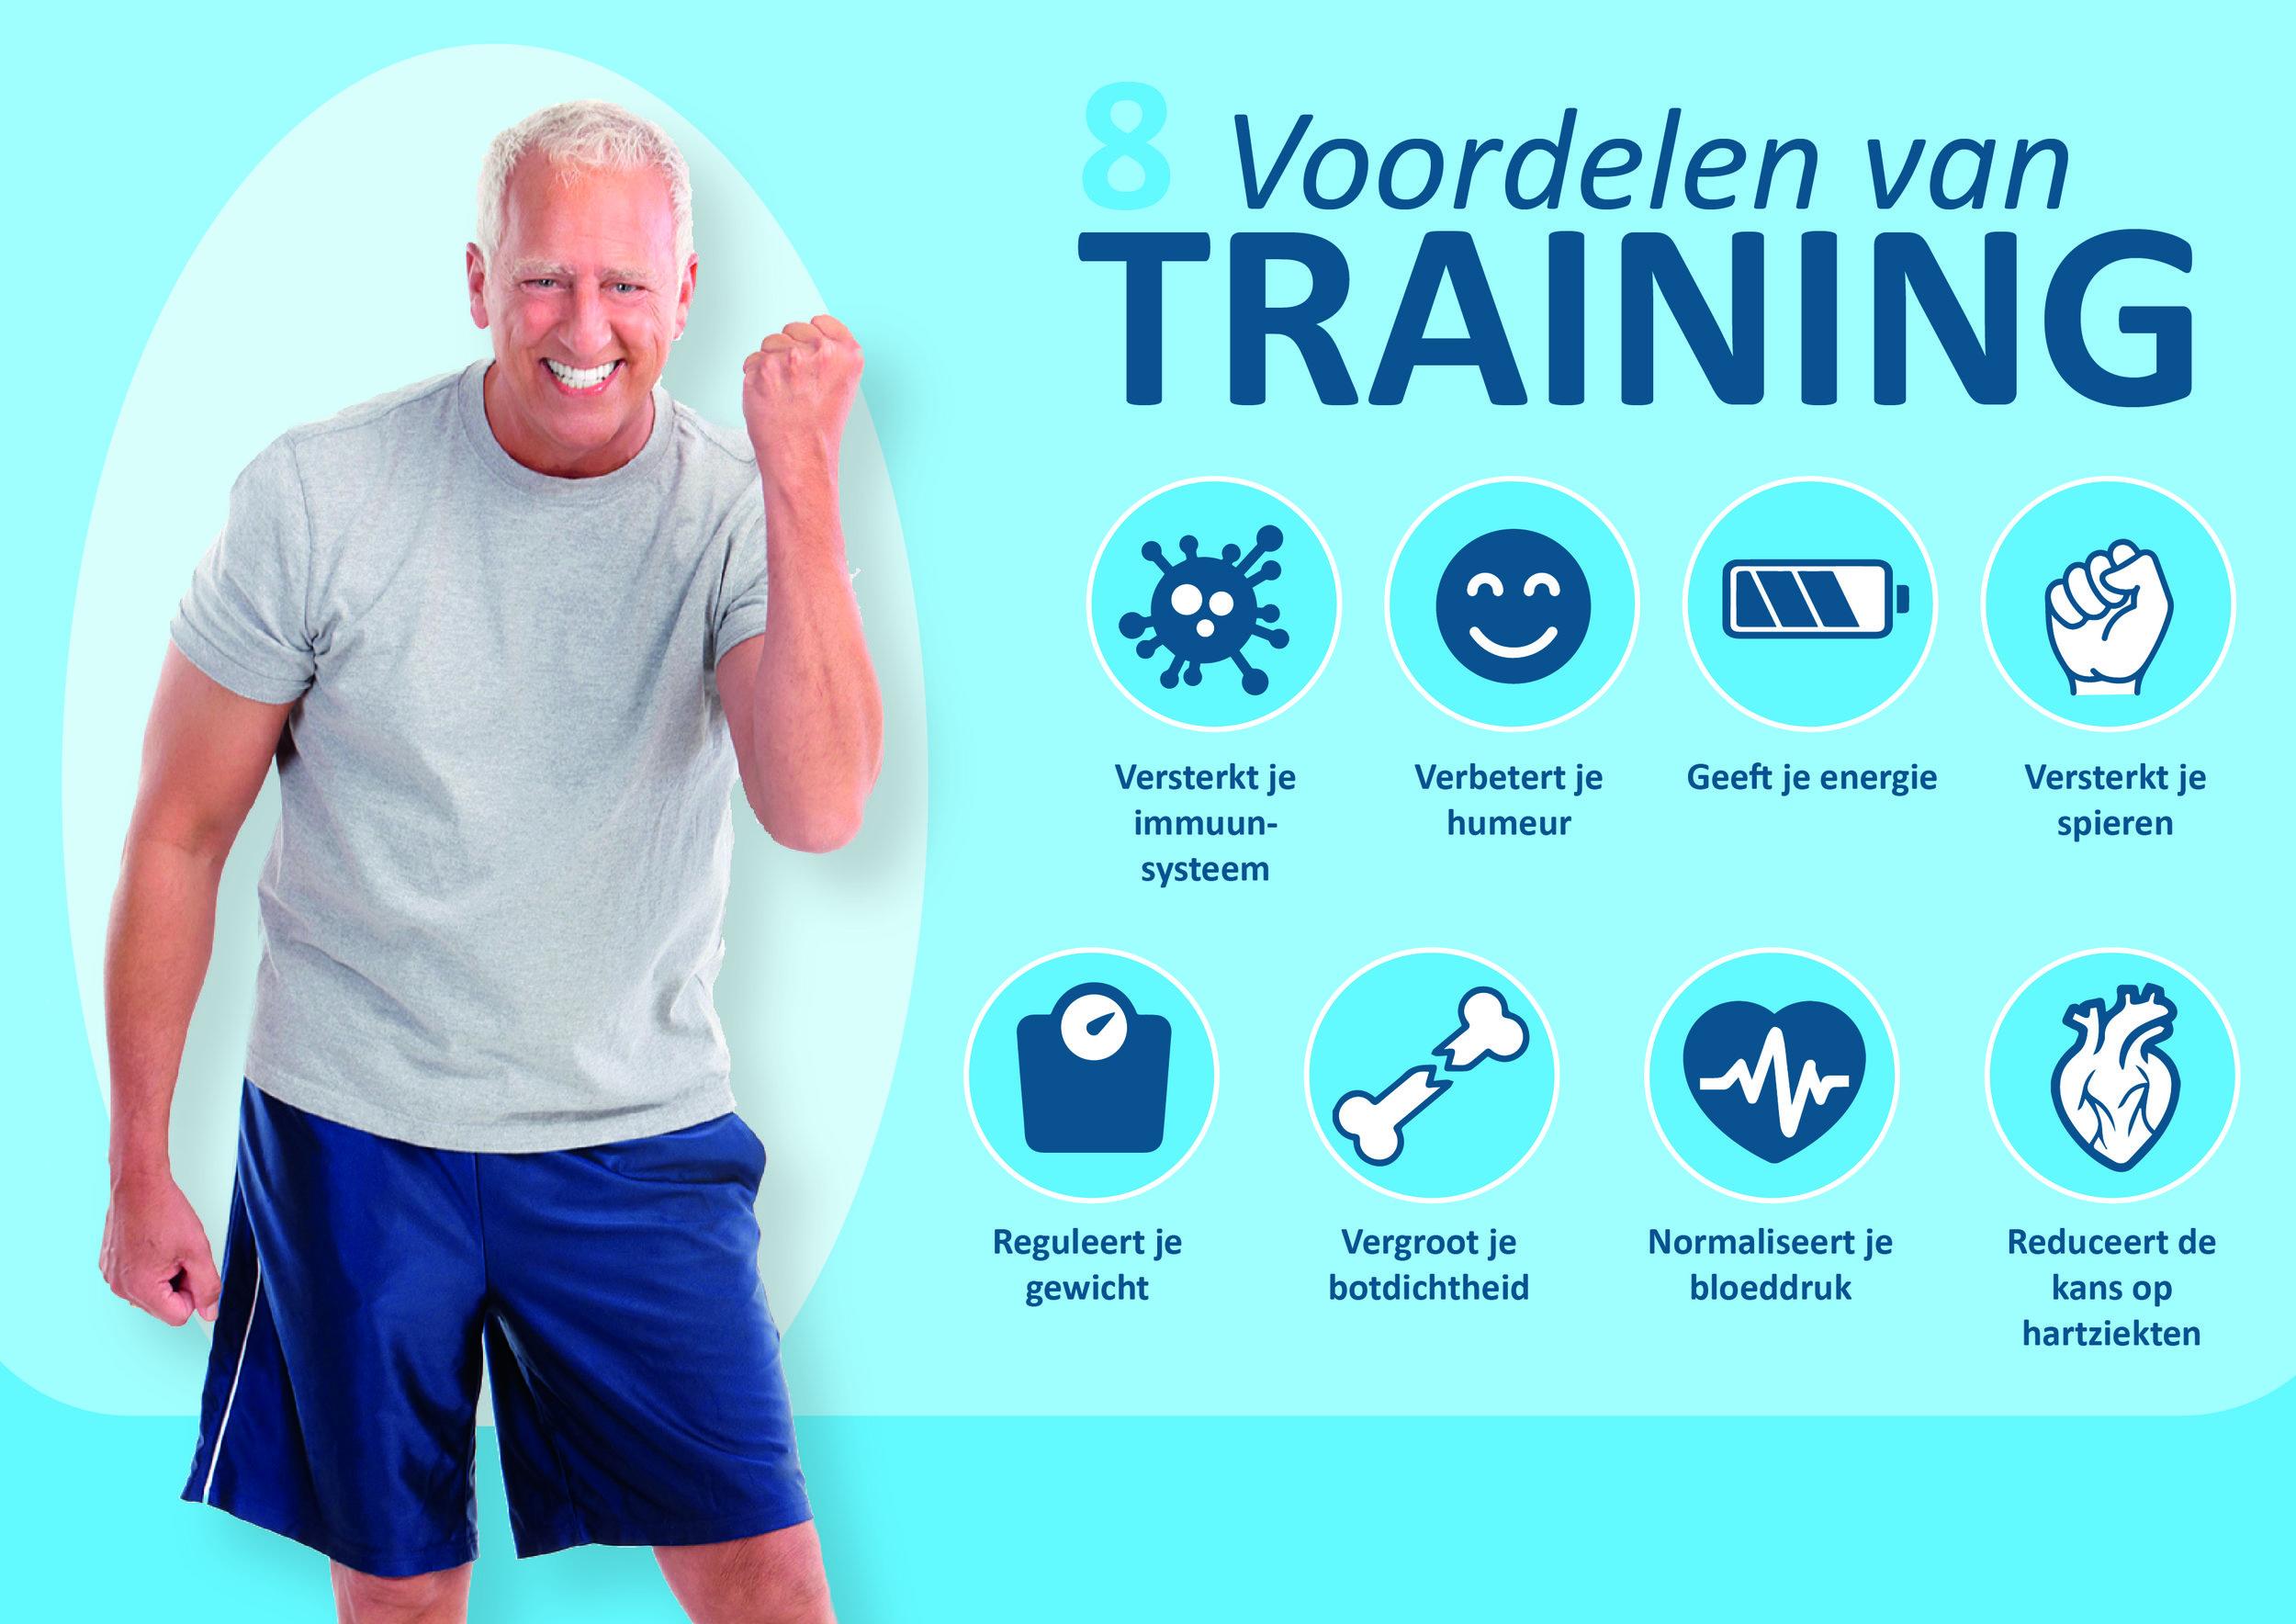 De 8 voordelen van training